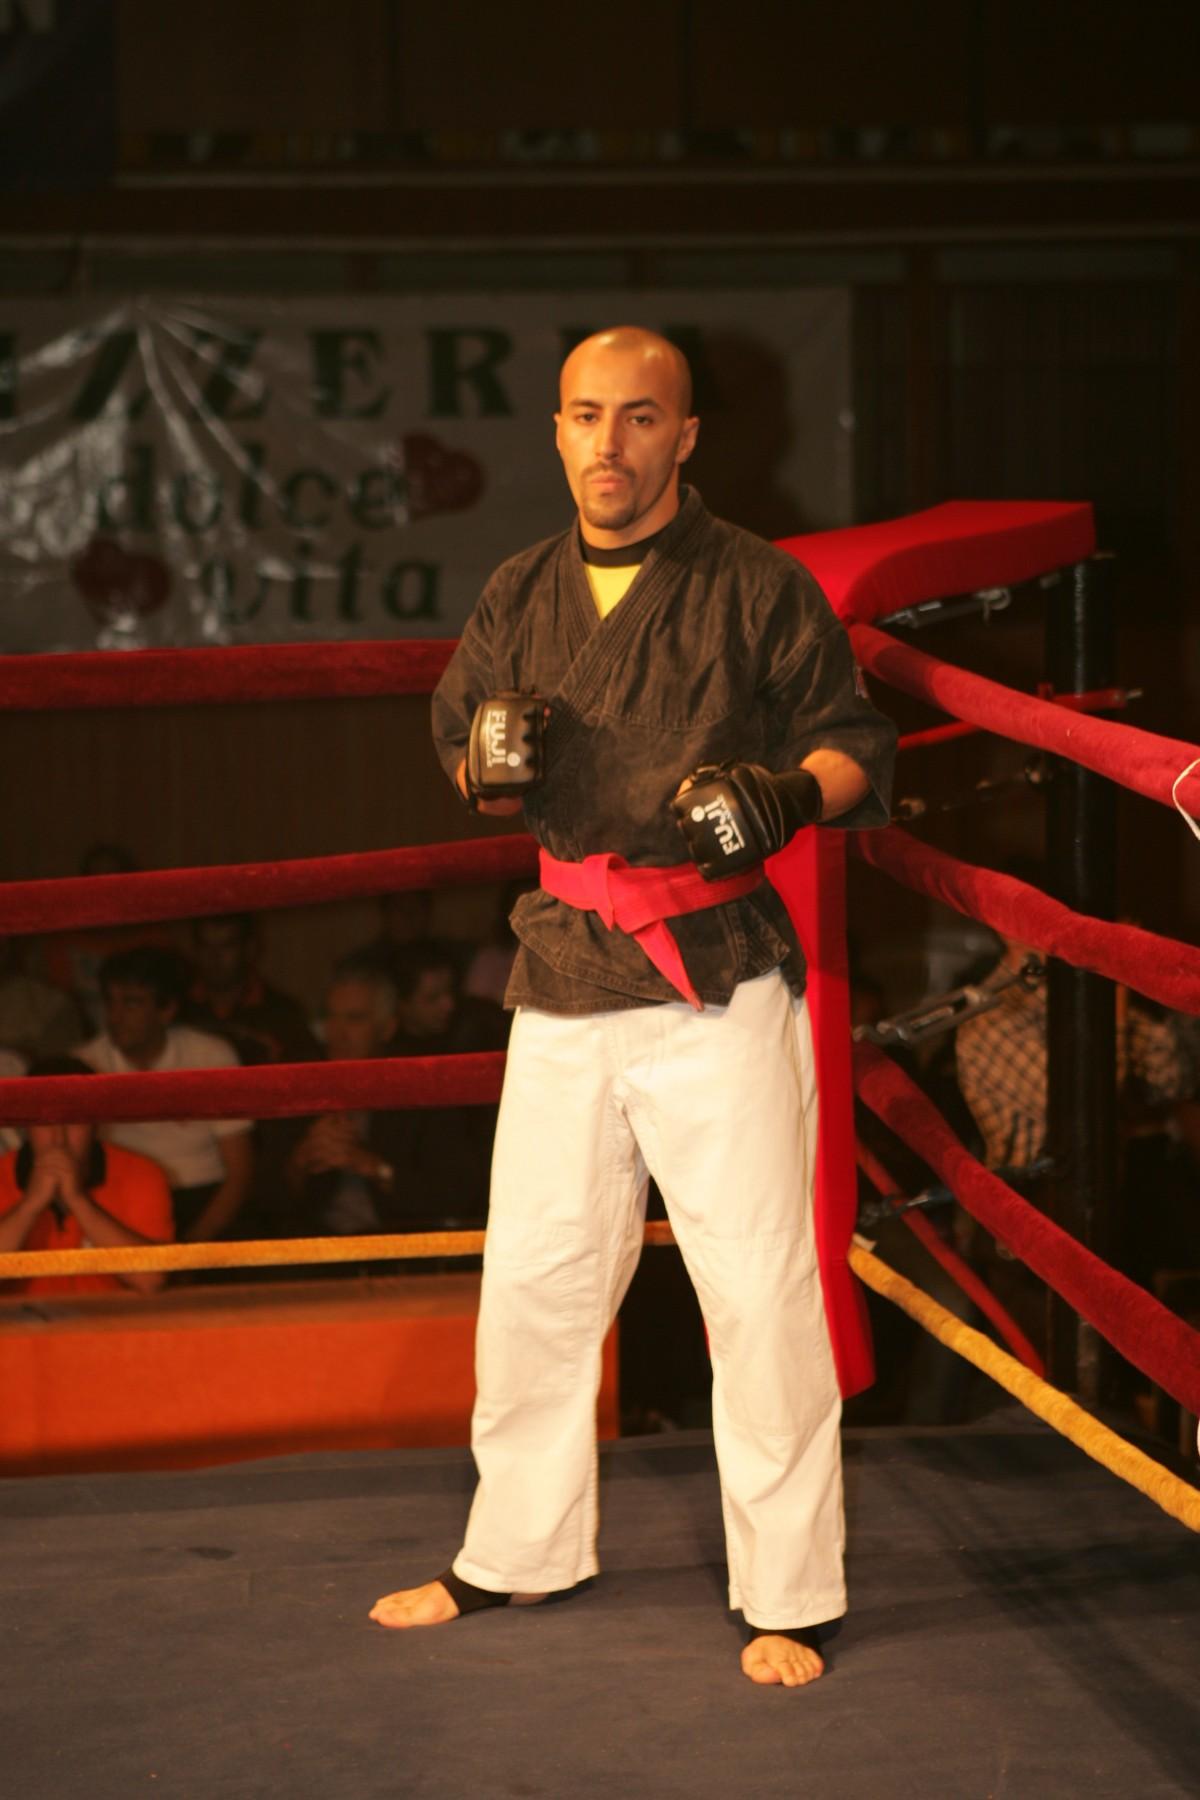 Mohamed Temmar